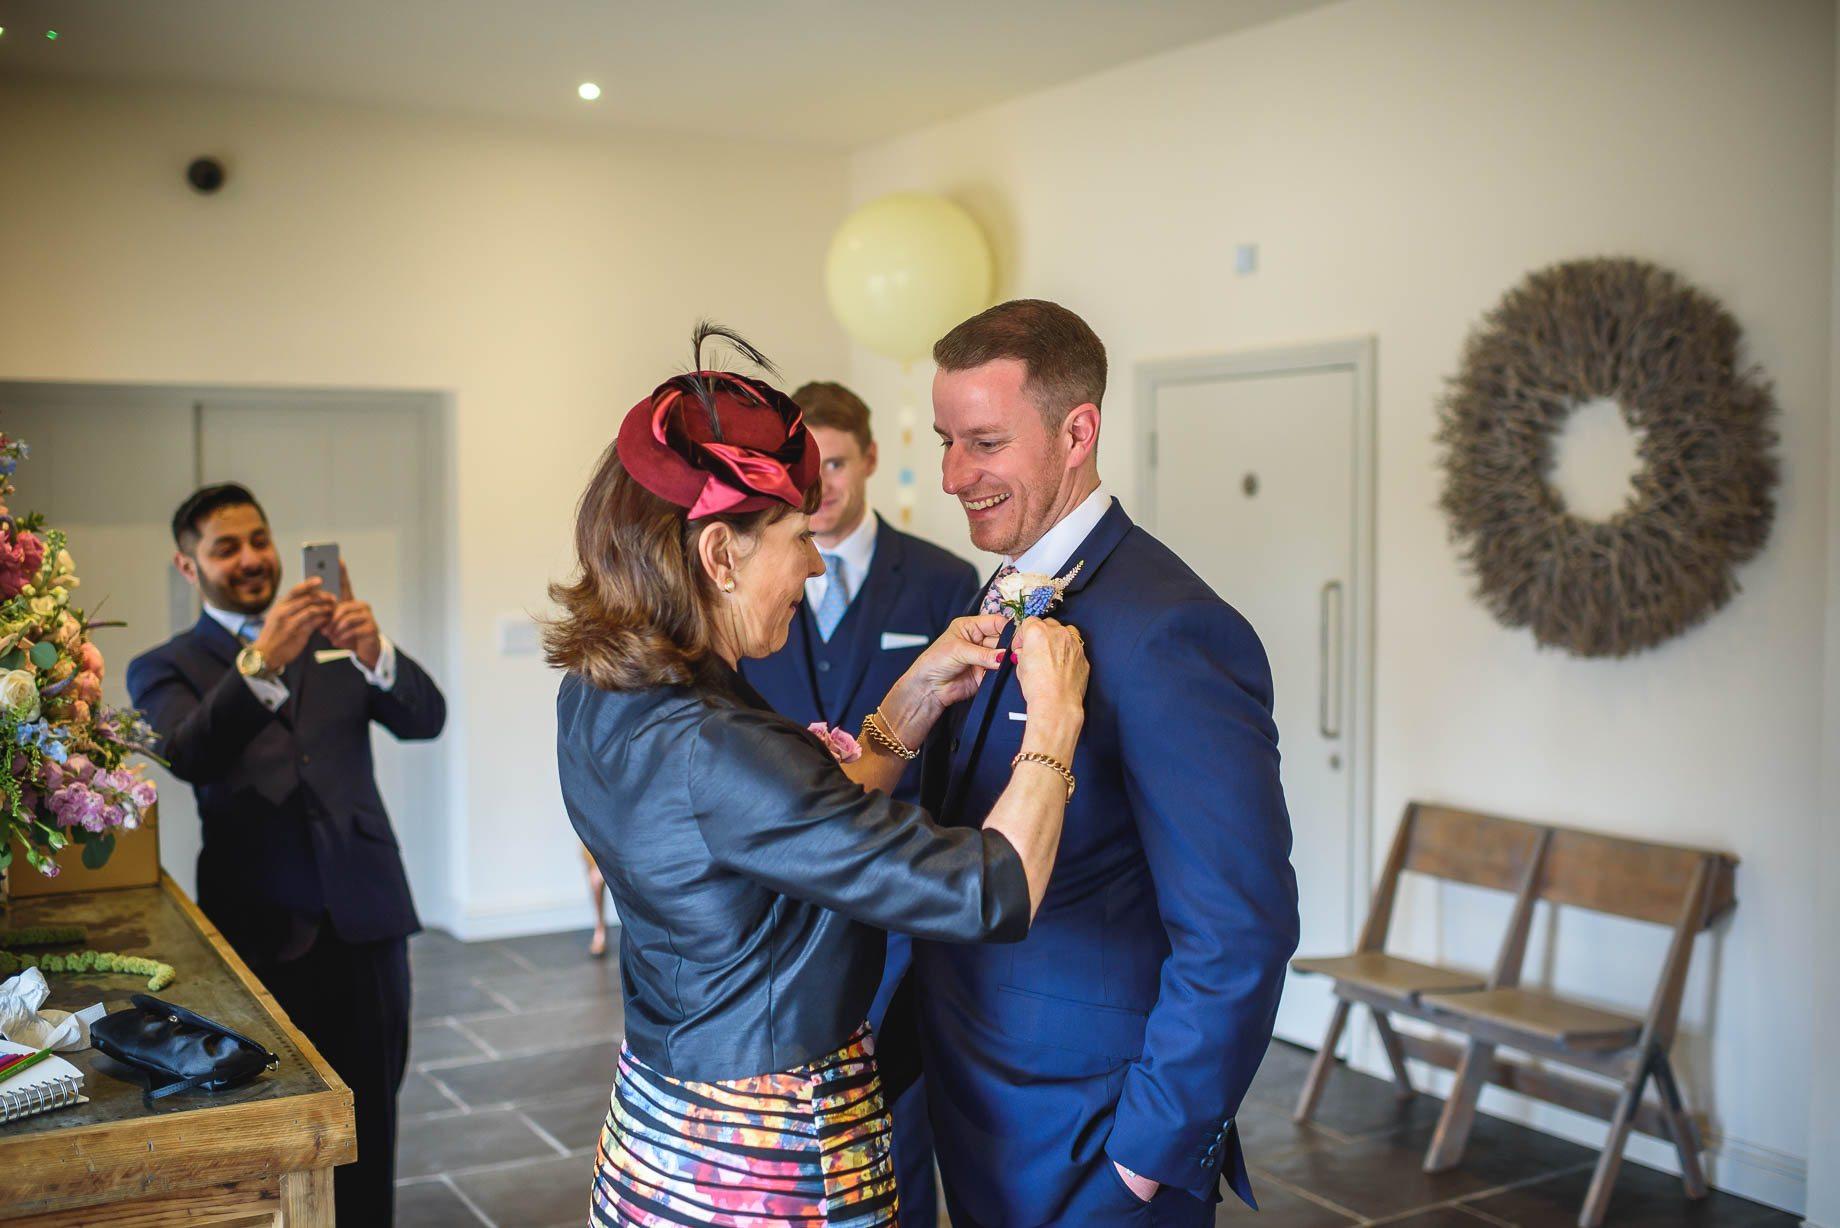 Millbridge Court Wedding Photography - Lisa and Daniel (39 of 173)